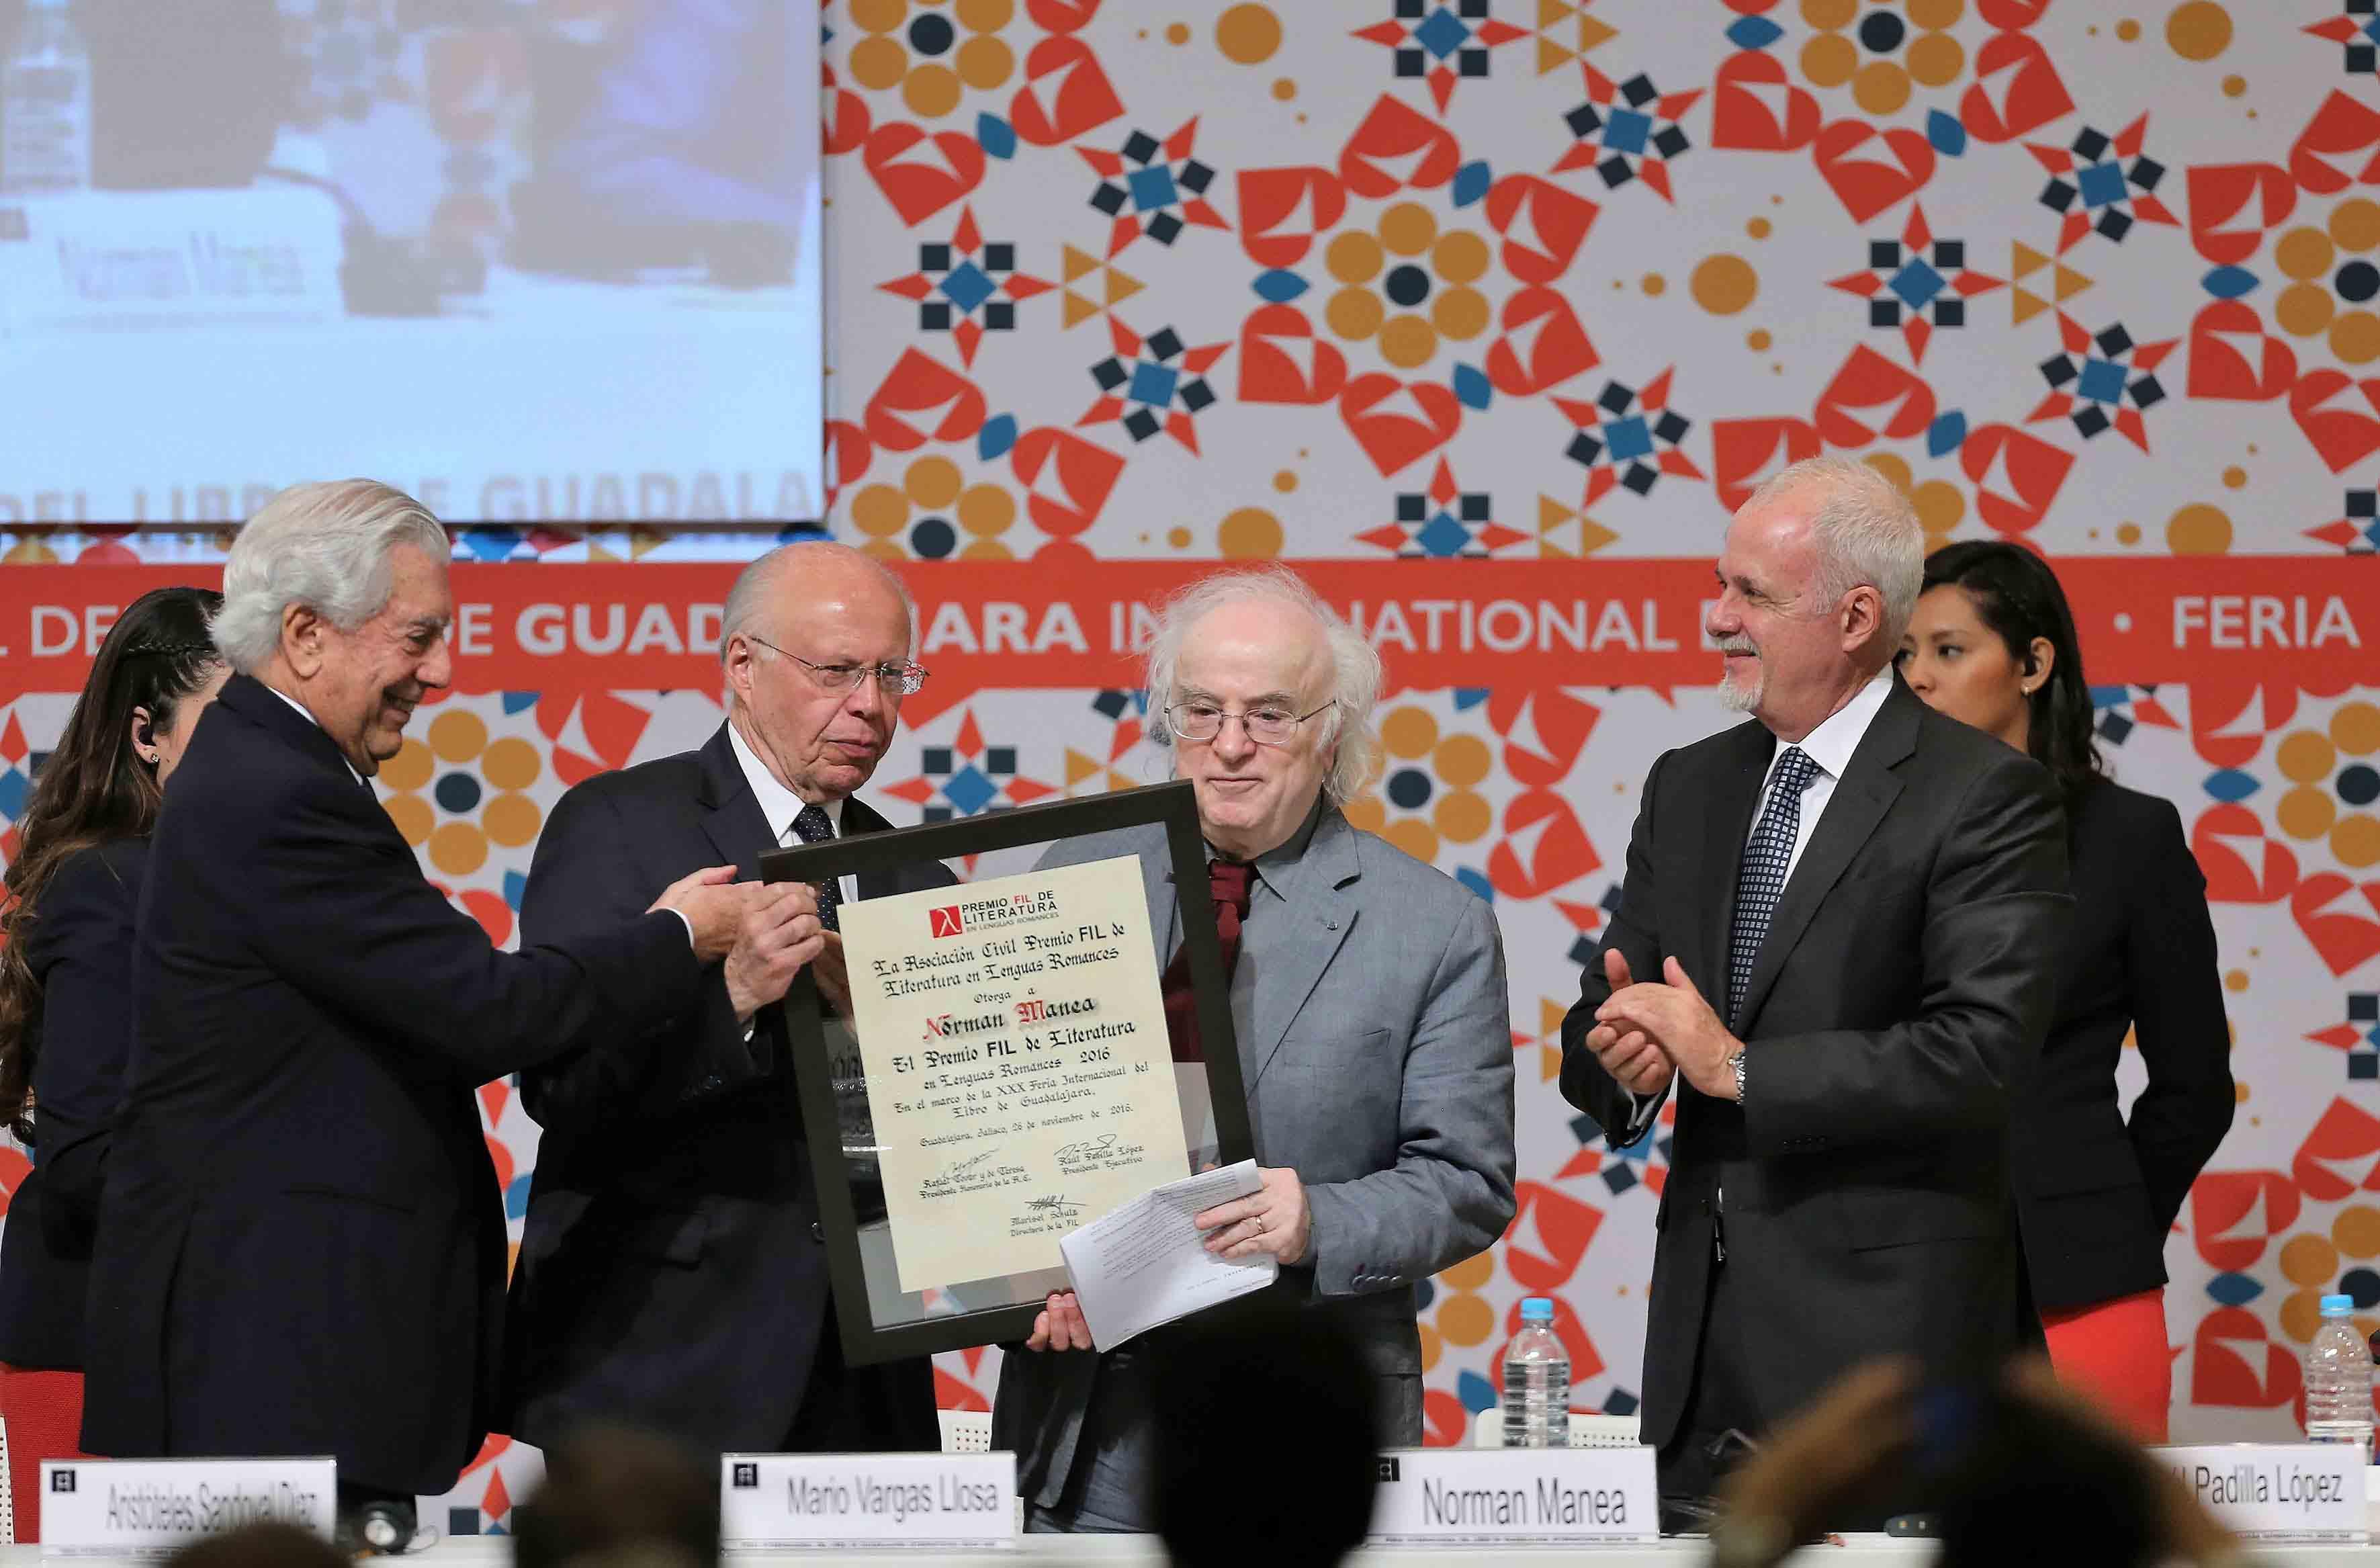 Mario Vargas Llosa y doctor José Ramón Narro Robles, Secretario de Salud del gobierno federal, entregando el reconocimiento a Norman Manea, por el premio FIL de Literatura en Lenguas Romances 2016.